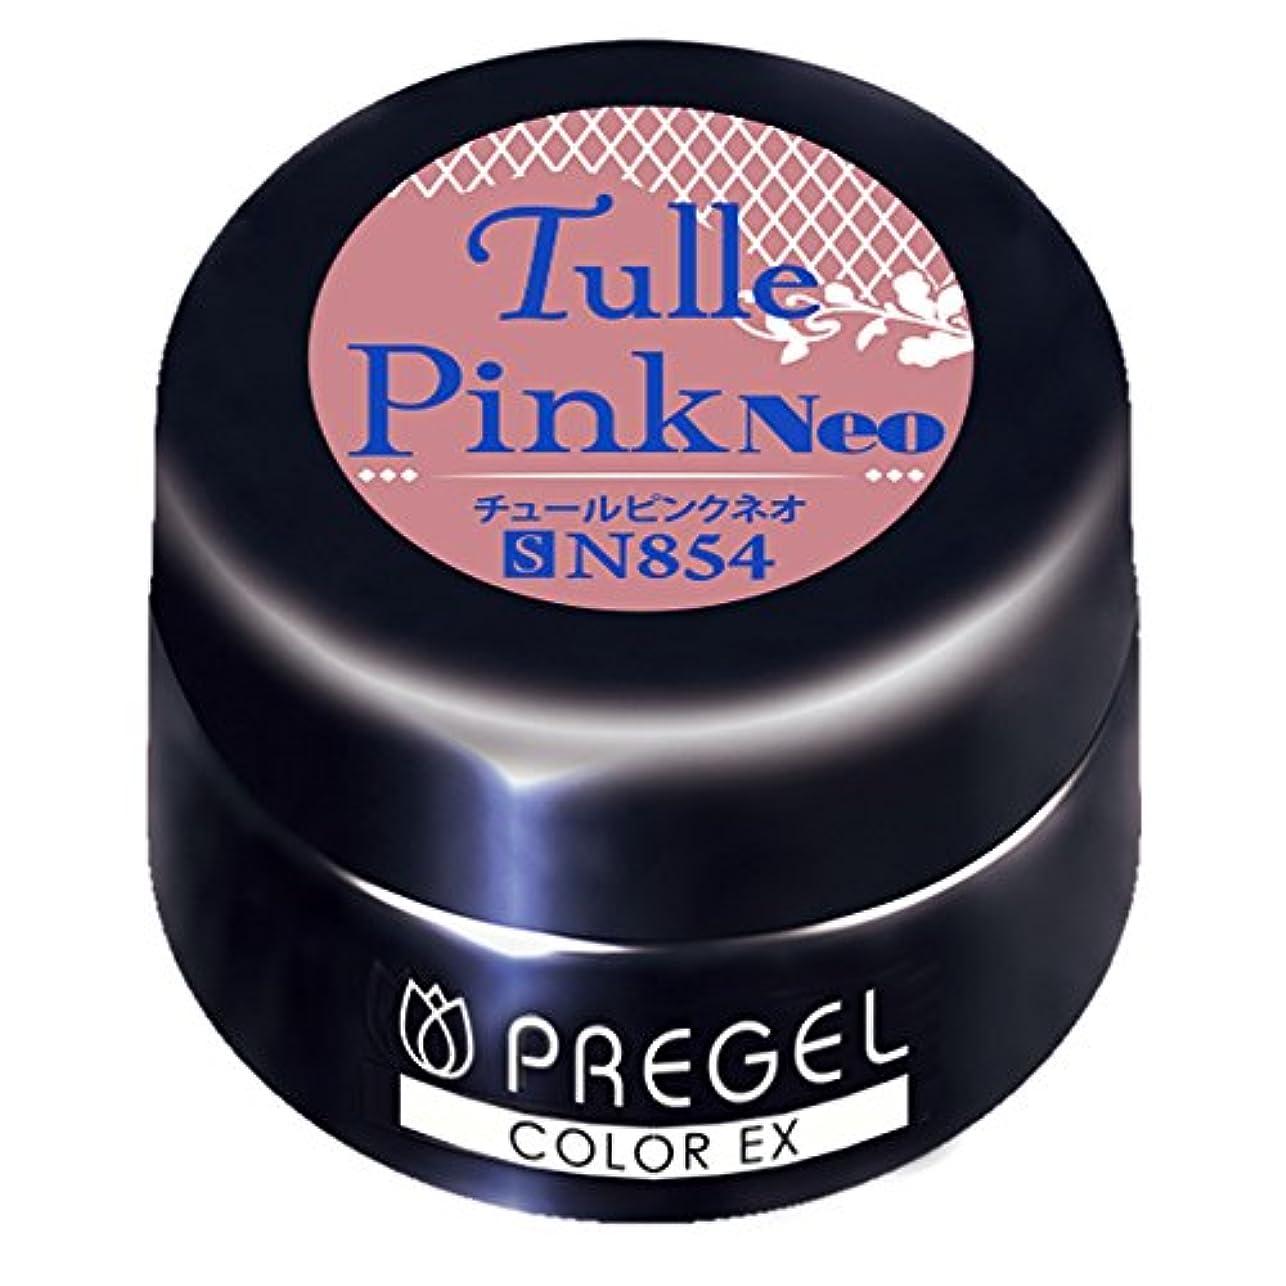 日記非アクティブ甘いPRE GEL カラーEX チュールピンクneo854 3g UV/LED対応